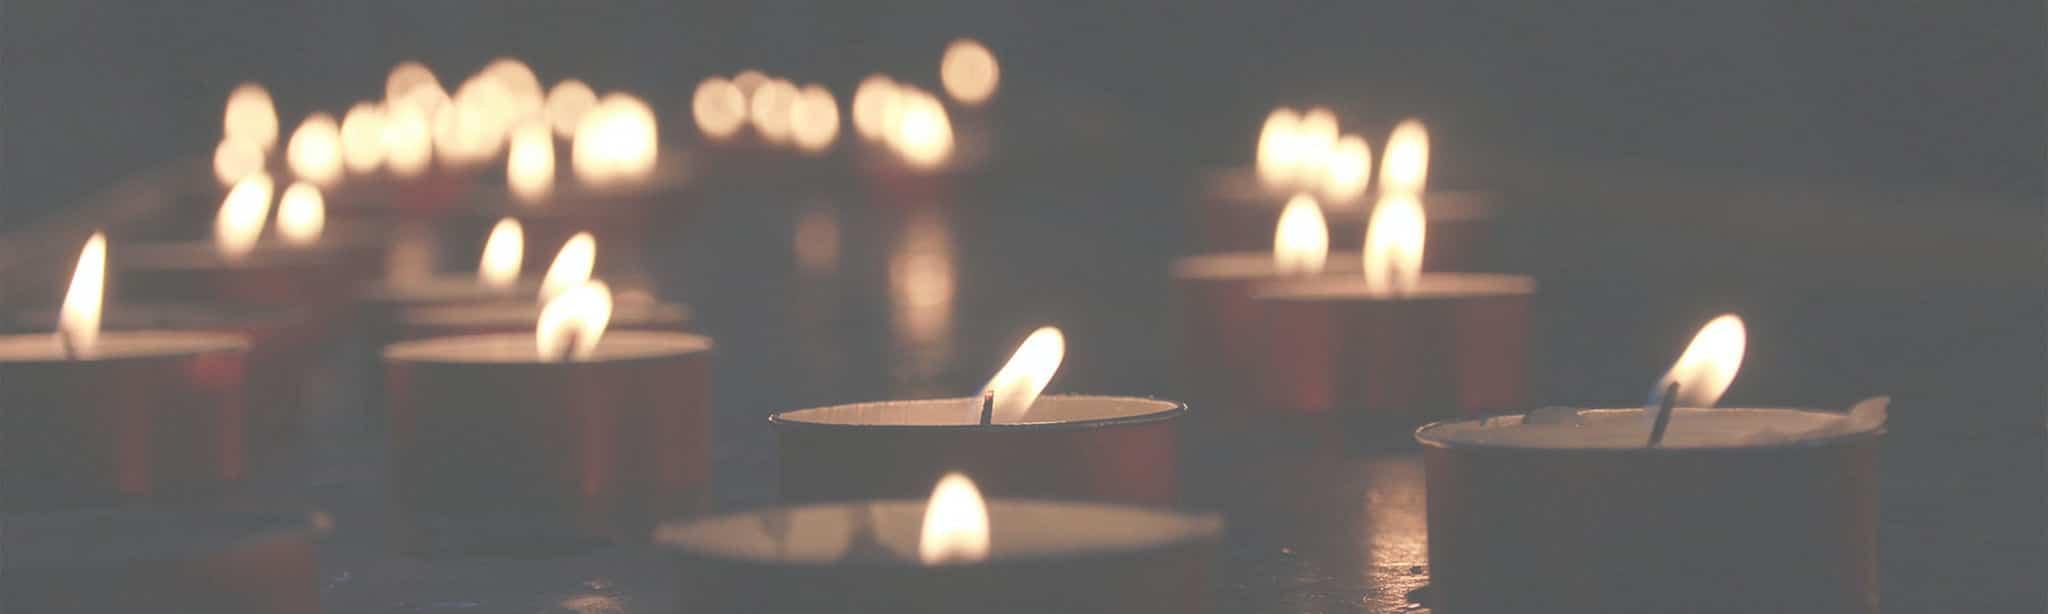 förebygg brand ljus på ett bord blogg